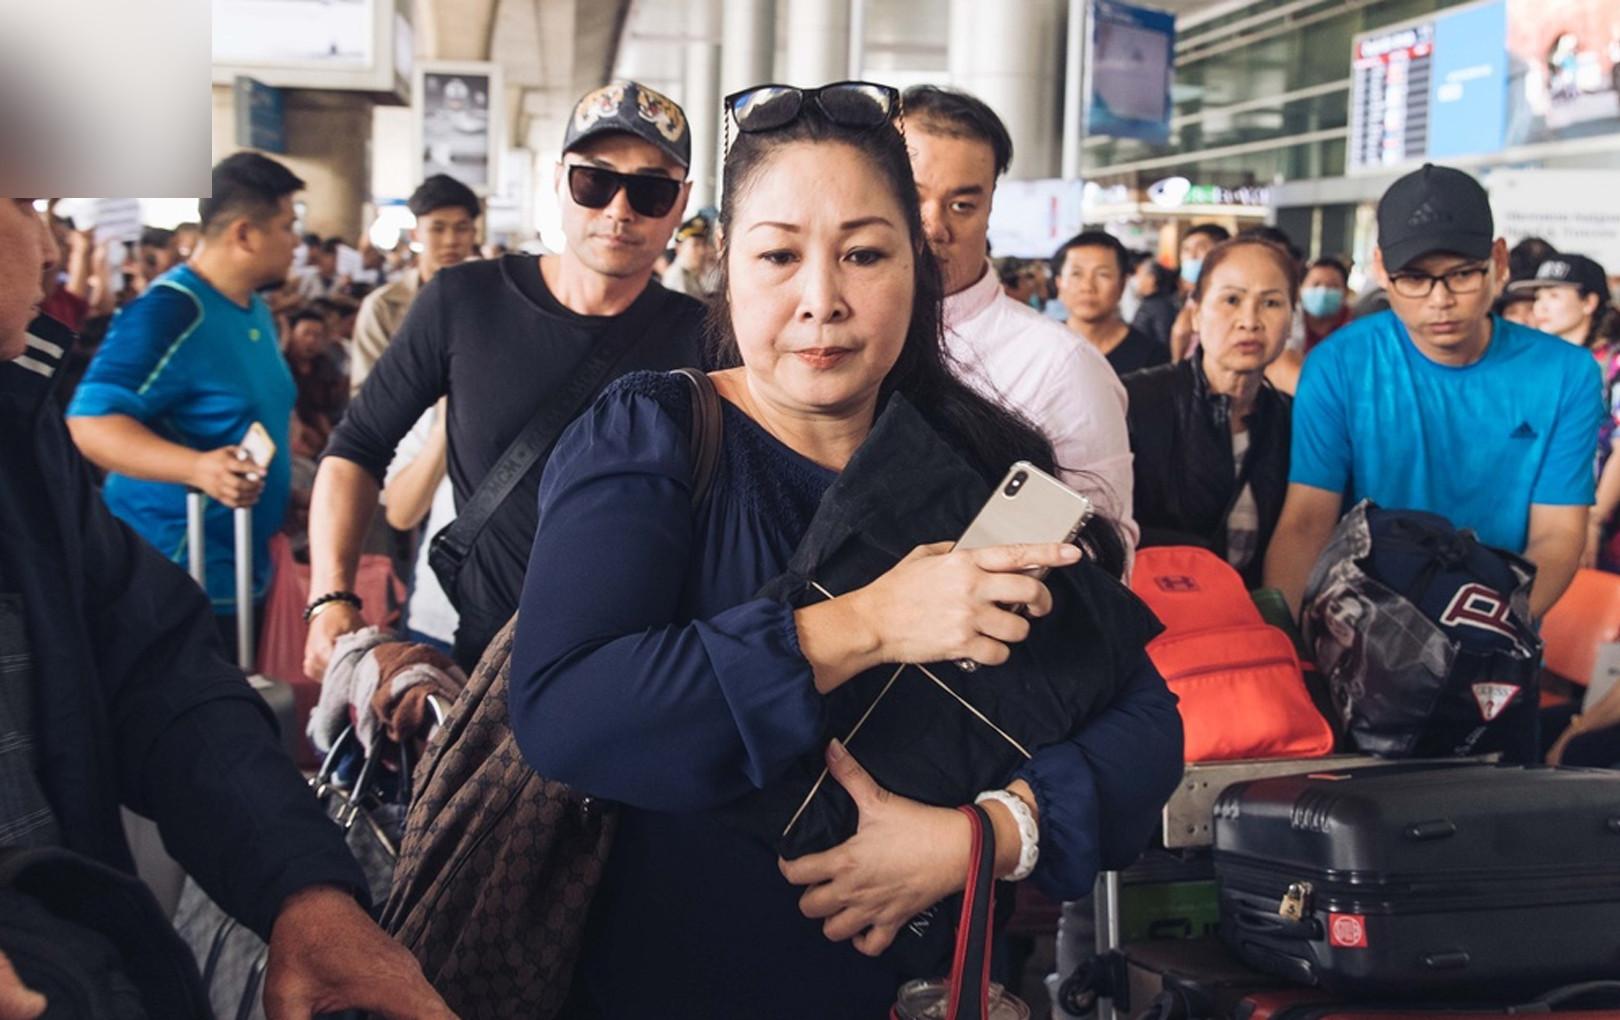 Hồng Vân thay mặt gia đình, lo tang sự cho cố nghệ sĩ Anh Vũ, khóc nghẹn tại sân bay